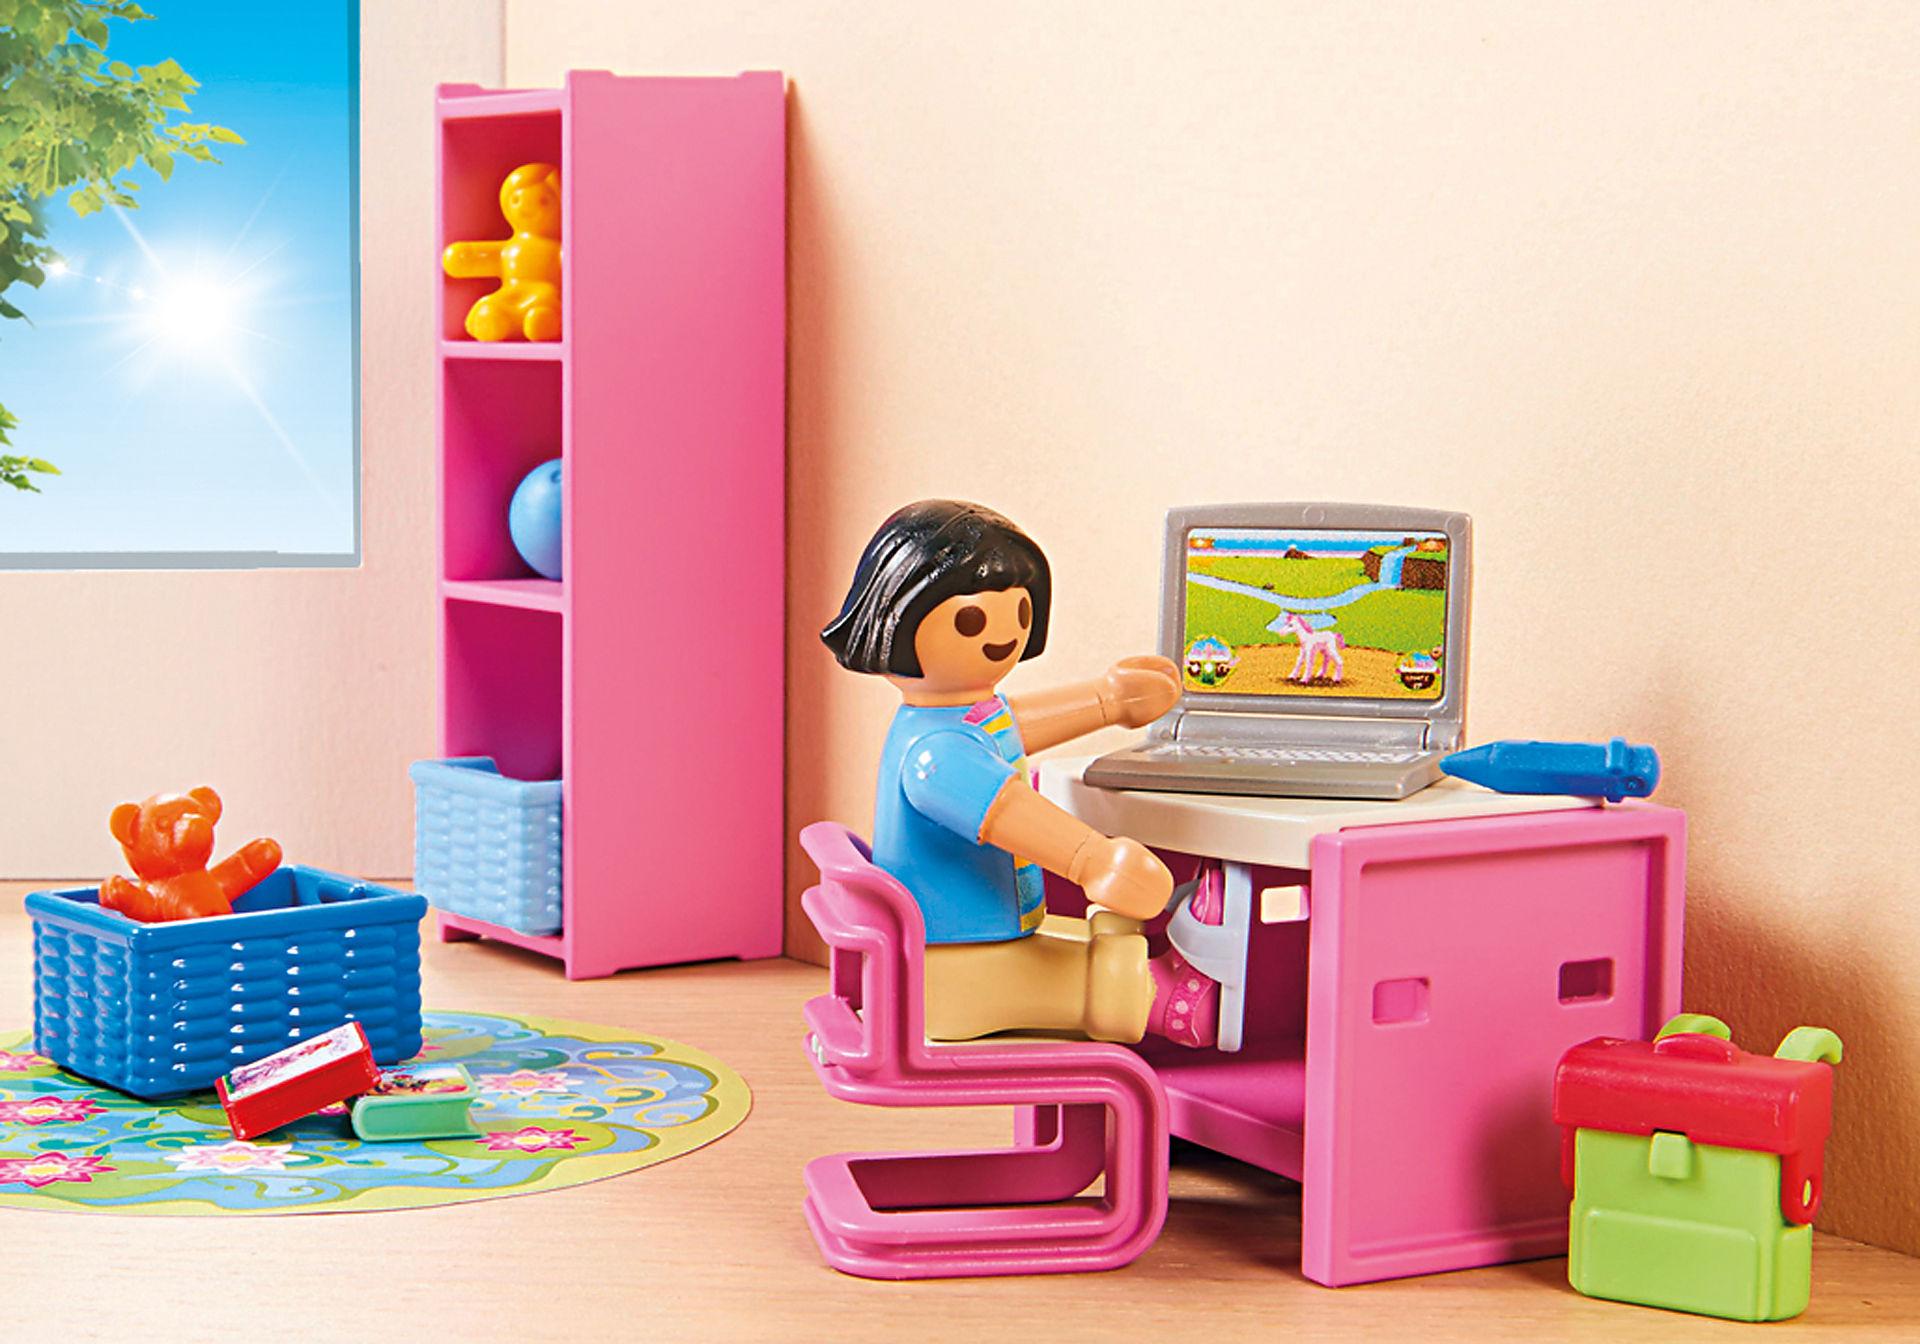 9270 Kolorowy pokój dziecięcy zoom image6